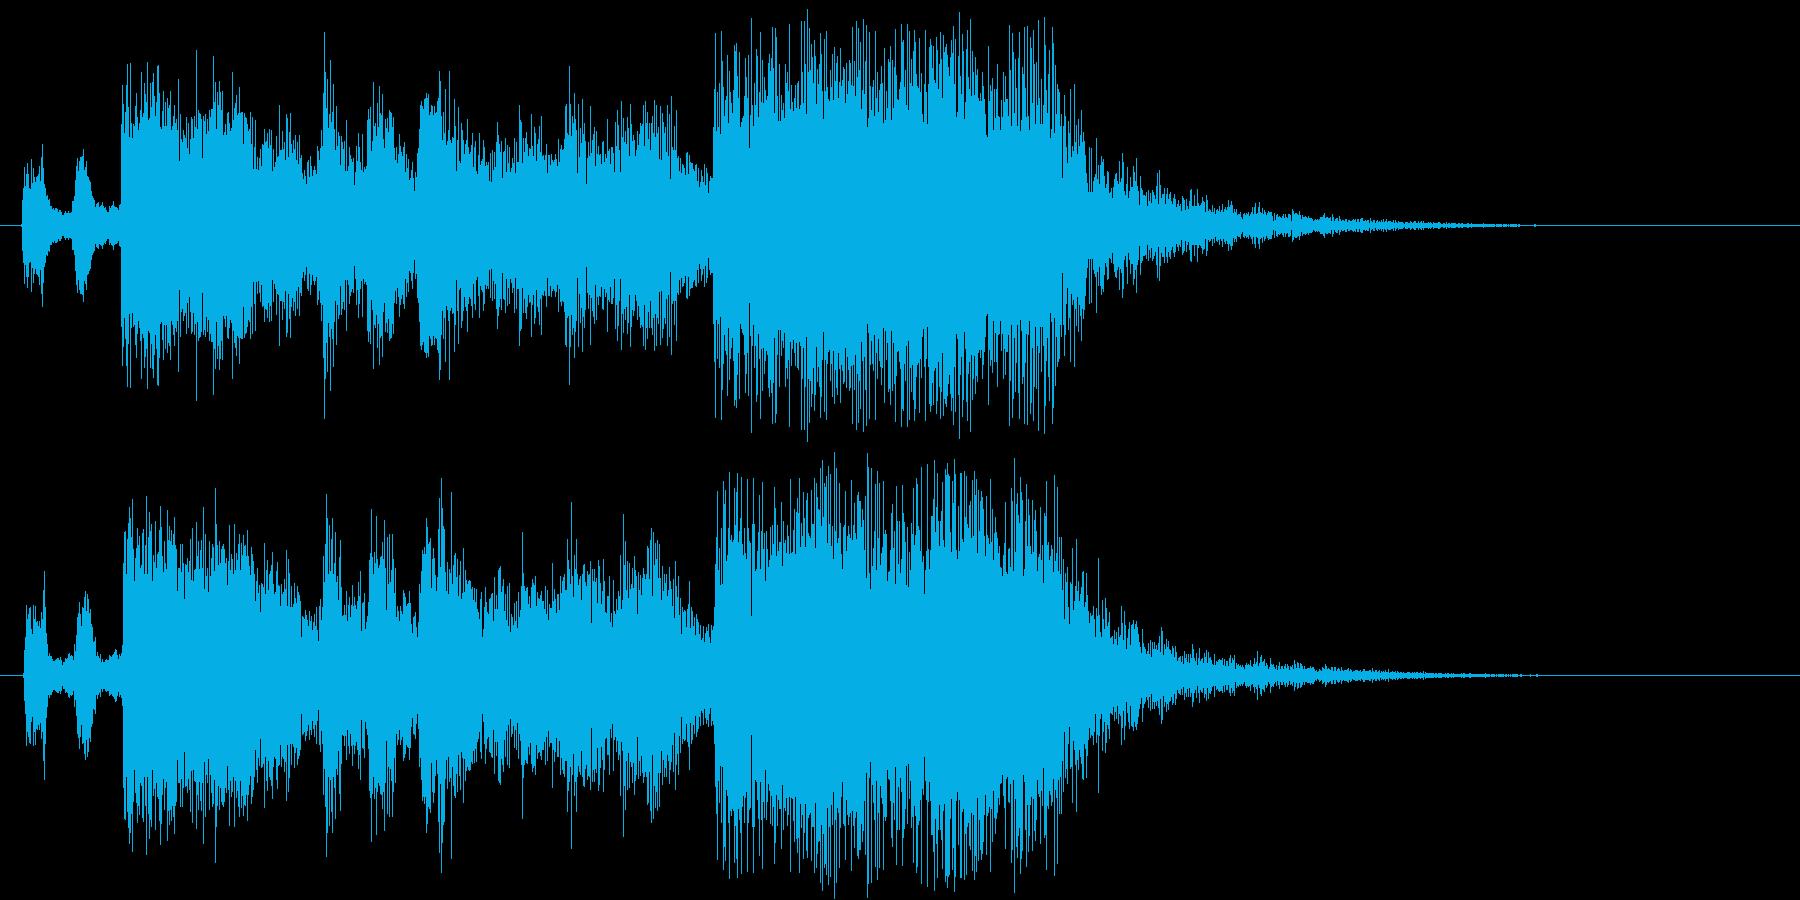 フルオーケストラの豪華なファンファーレの再生済みの波形